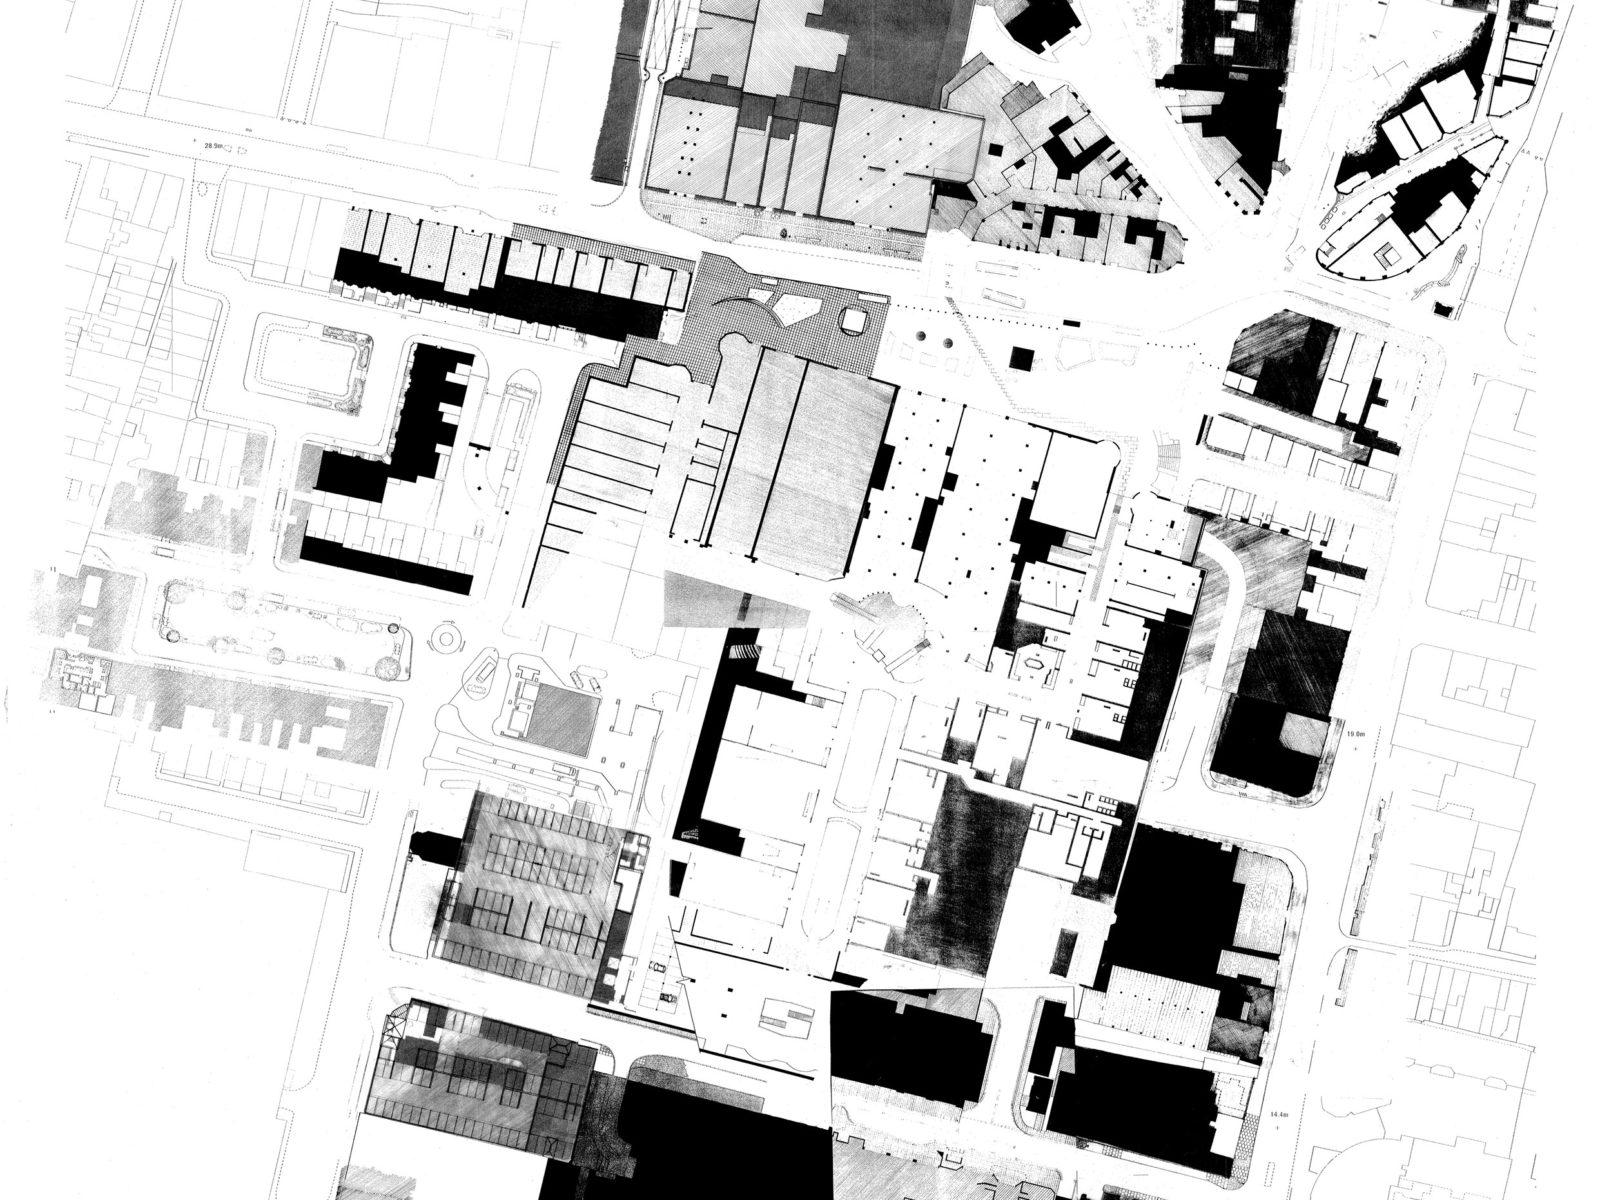 Nolli plan of central Brighton